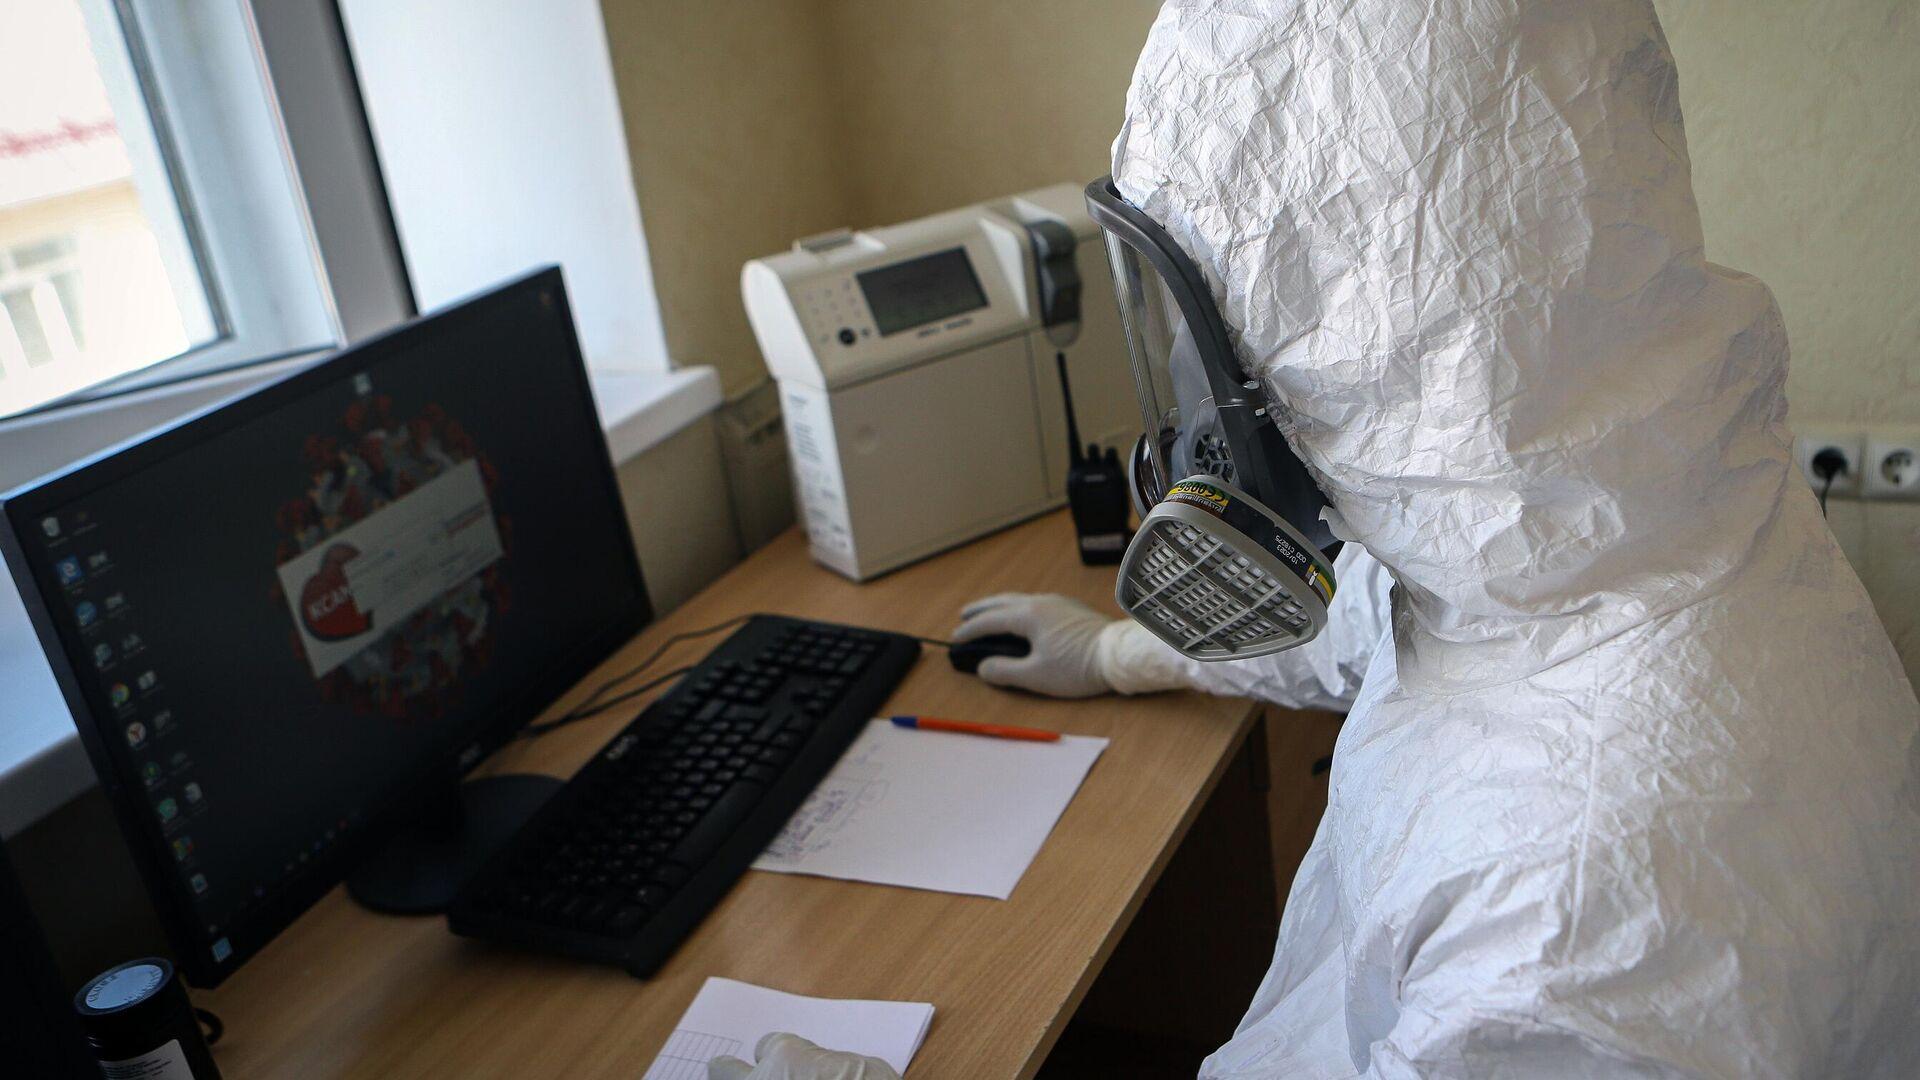 Медицинский работник в госпитале для зараженных коронавирусной инфекцией - РИА Новости, 1920, 01.10.2020